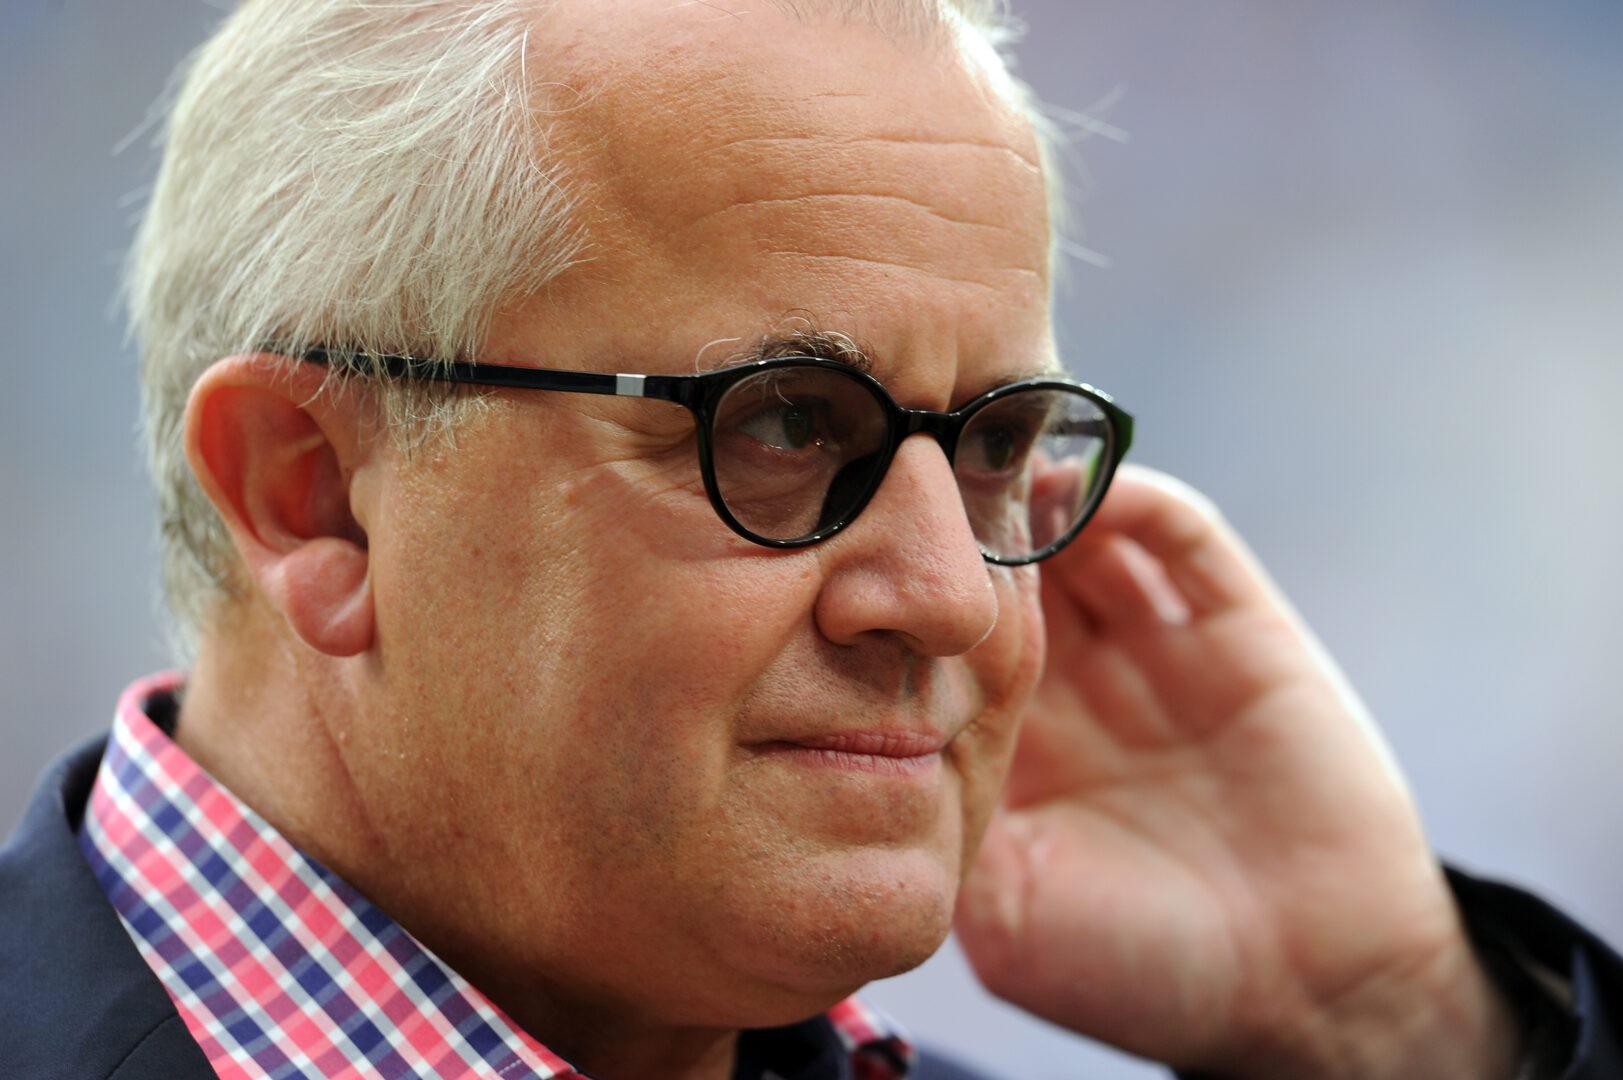 SC Freiburgs Präsident Fritz Keller soll neuer DFB-Präsident werden. Foto: GES Sportfoto